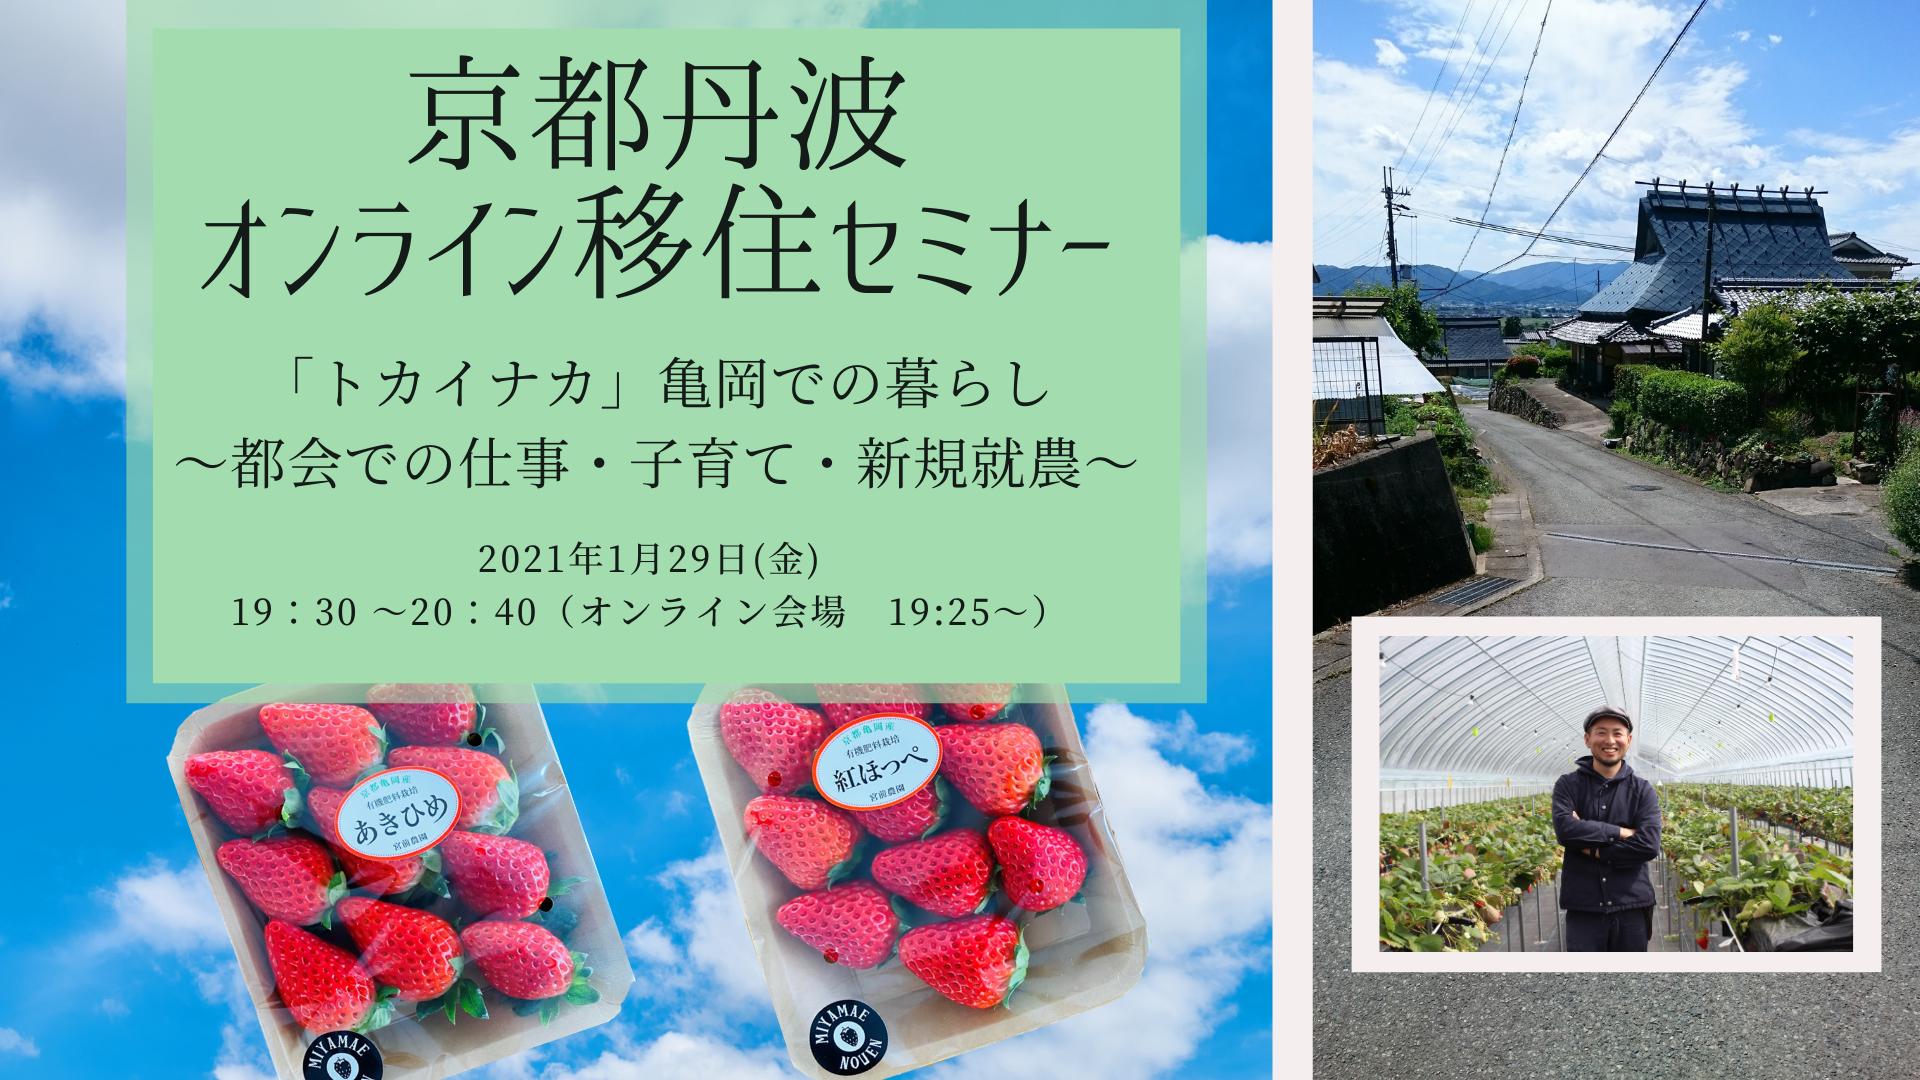 [オンラインセミナー]亀岡での暮らし~都会での仕事・子育て・新規就農~